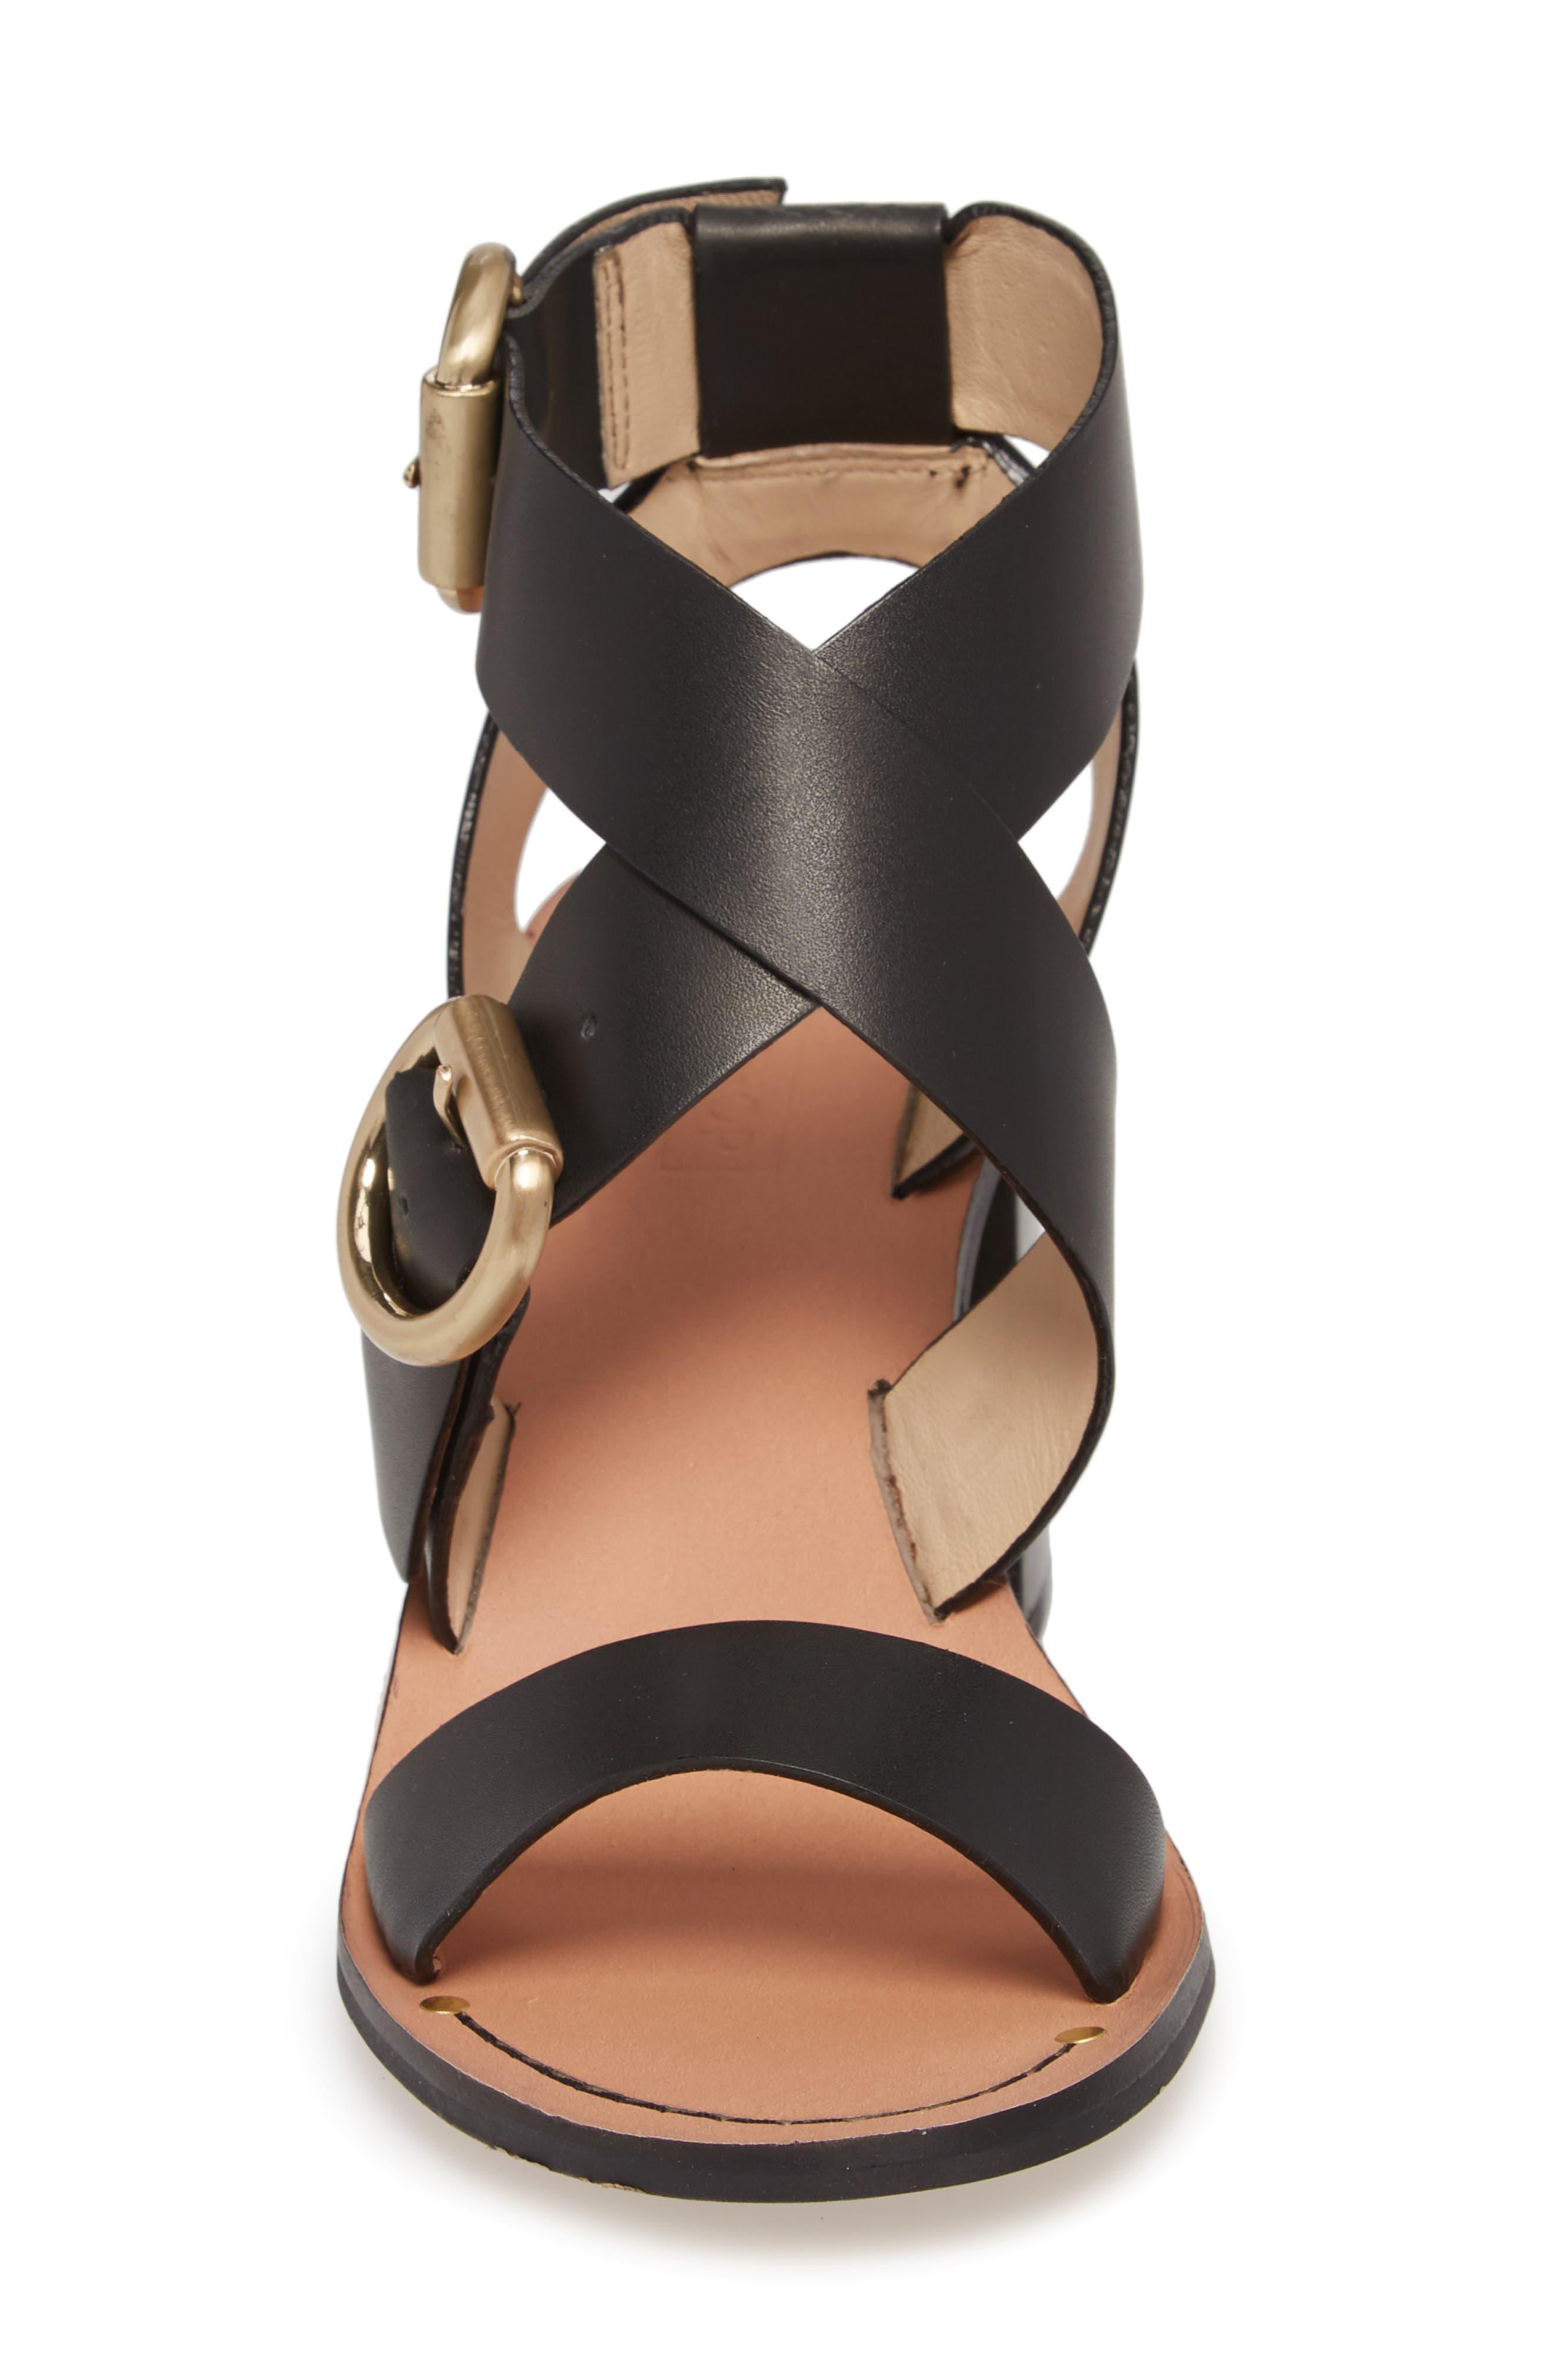 Natalie Buckled Cross Strap Sandal,                             Alternate thumbnail 4, color,                             Black Multi